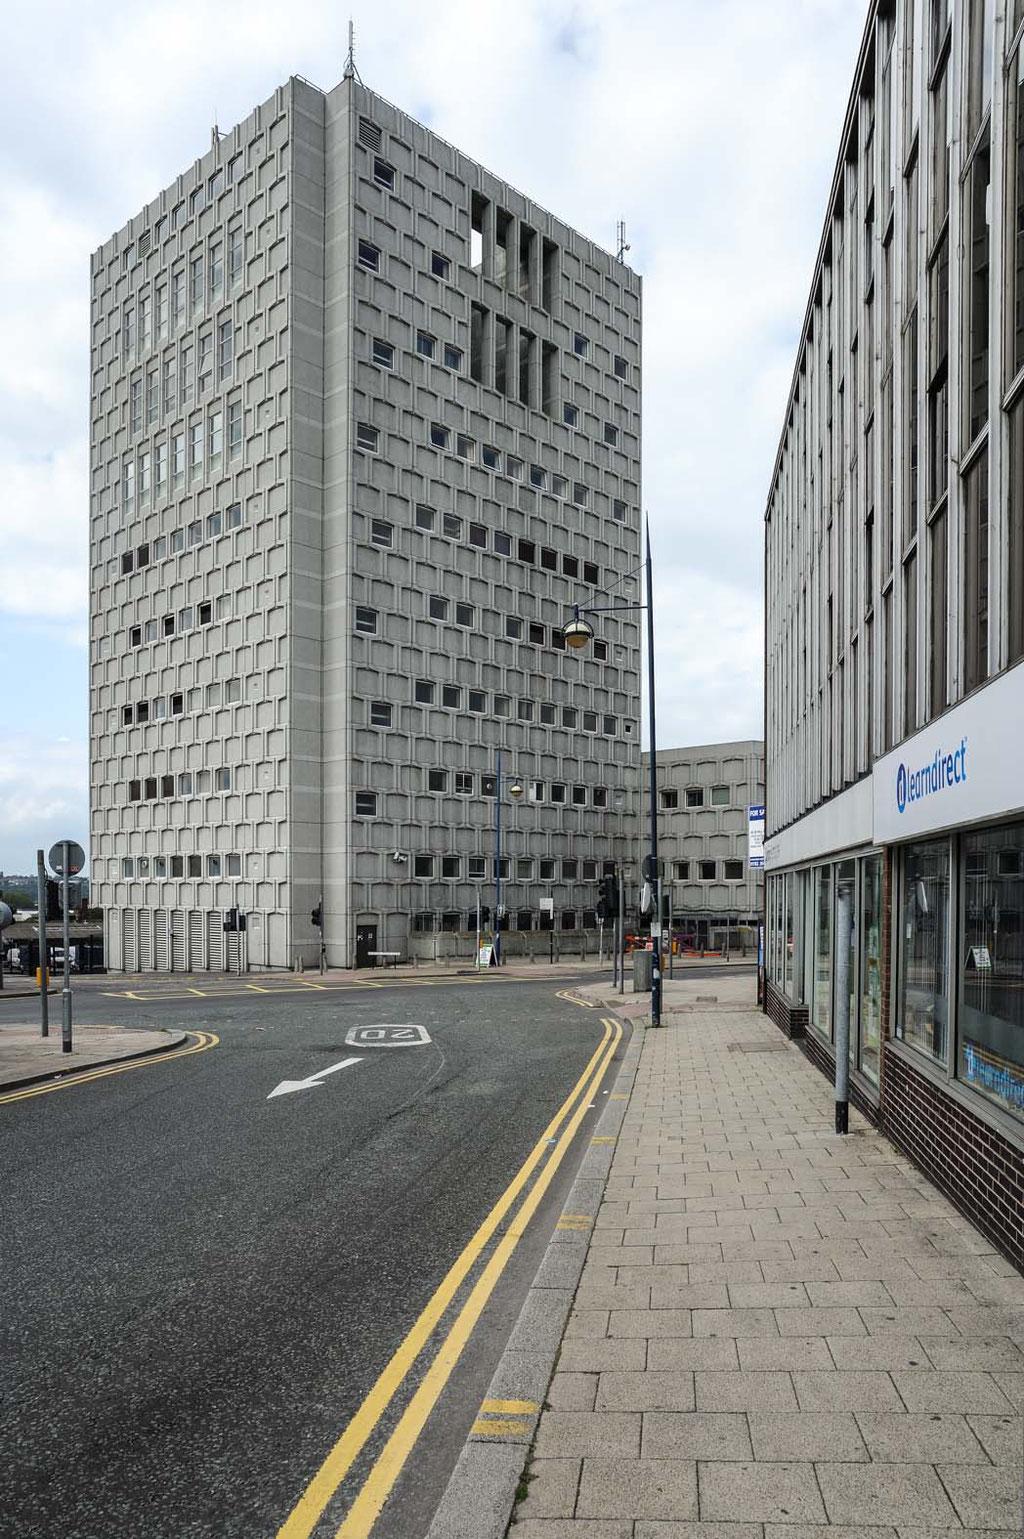 Telephone Exchange, Hanley, Stoke-on-Trent (UK)